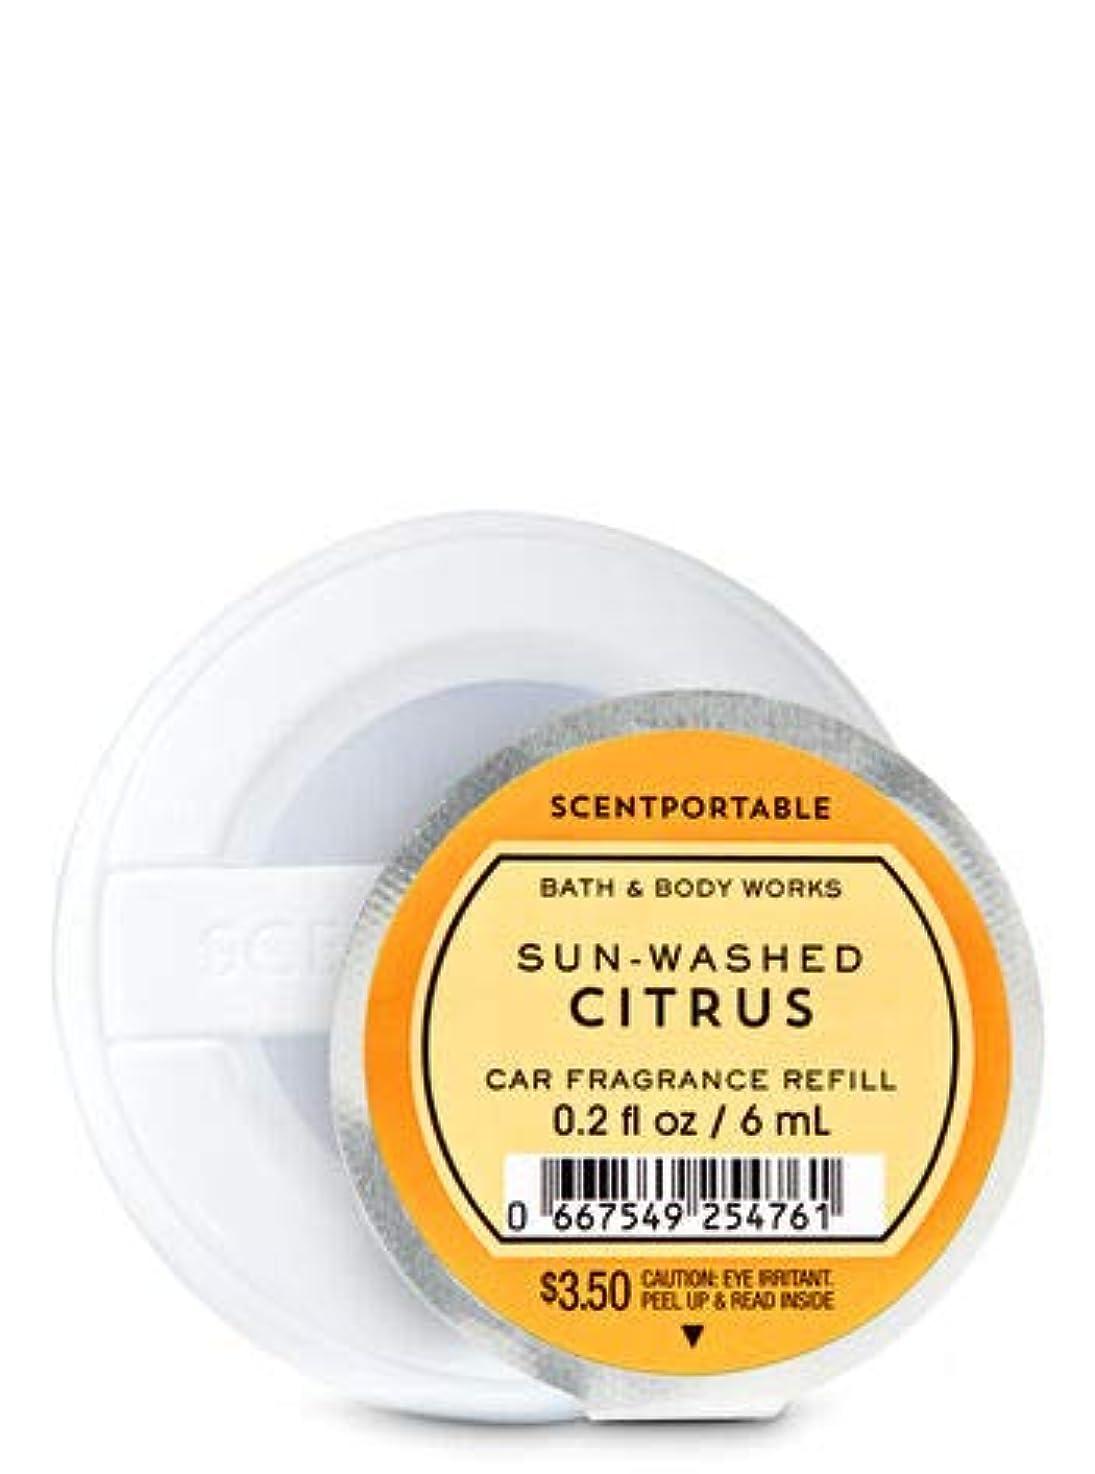 可能性倍増モディッシュ【Bath&Body Works/バス&ボディワークス】 クリップ式芳香剤 セントポータブル詰替えリフィル サンウォッシュドシトラス Scentportable Fragrance Refill Sun-Washed Citrus [並行輸入品]